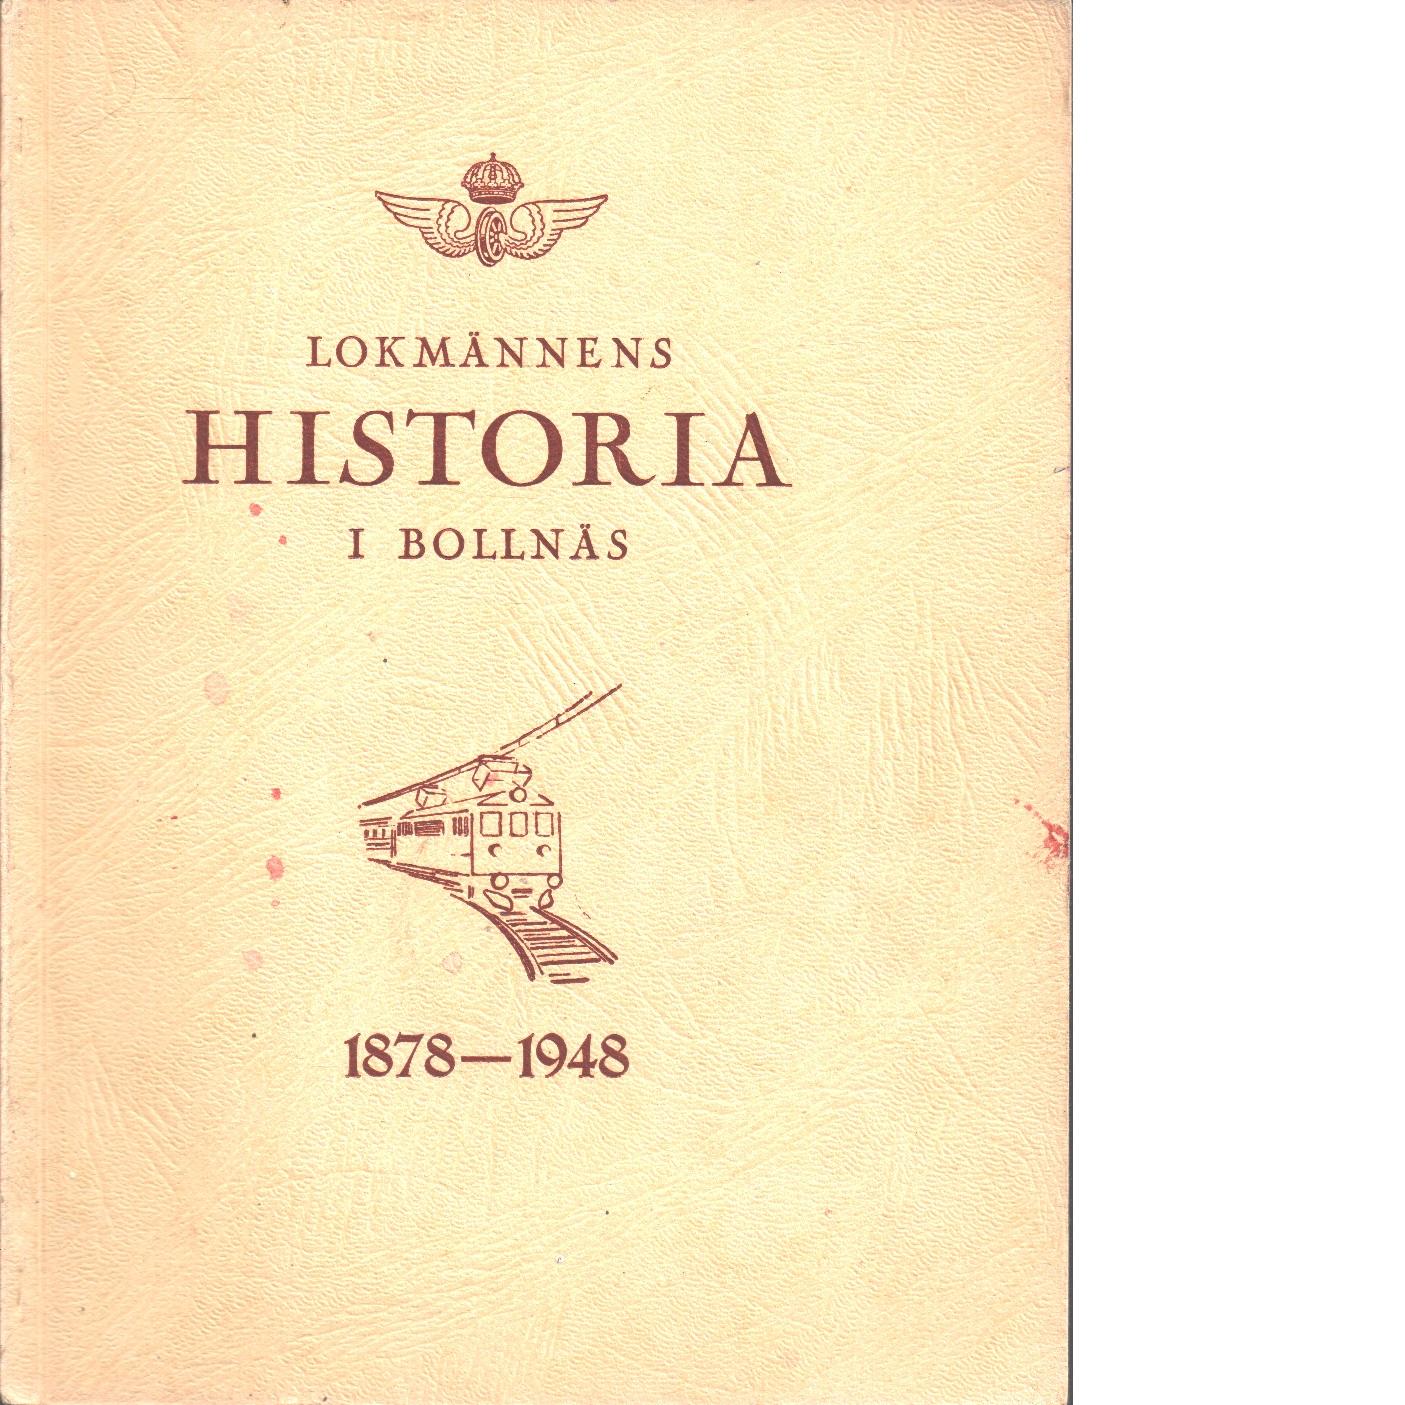 Lokmännens historia i Bollnäs 1878-1948 - Sandberg, David